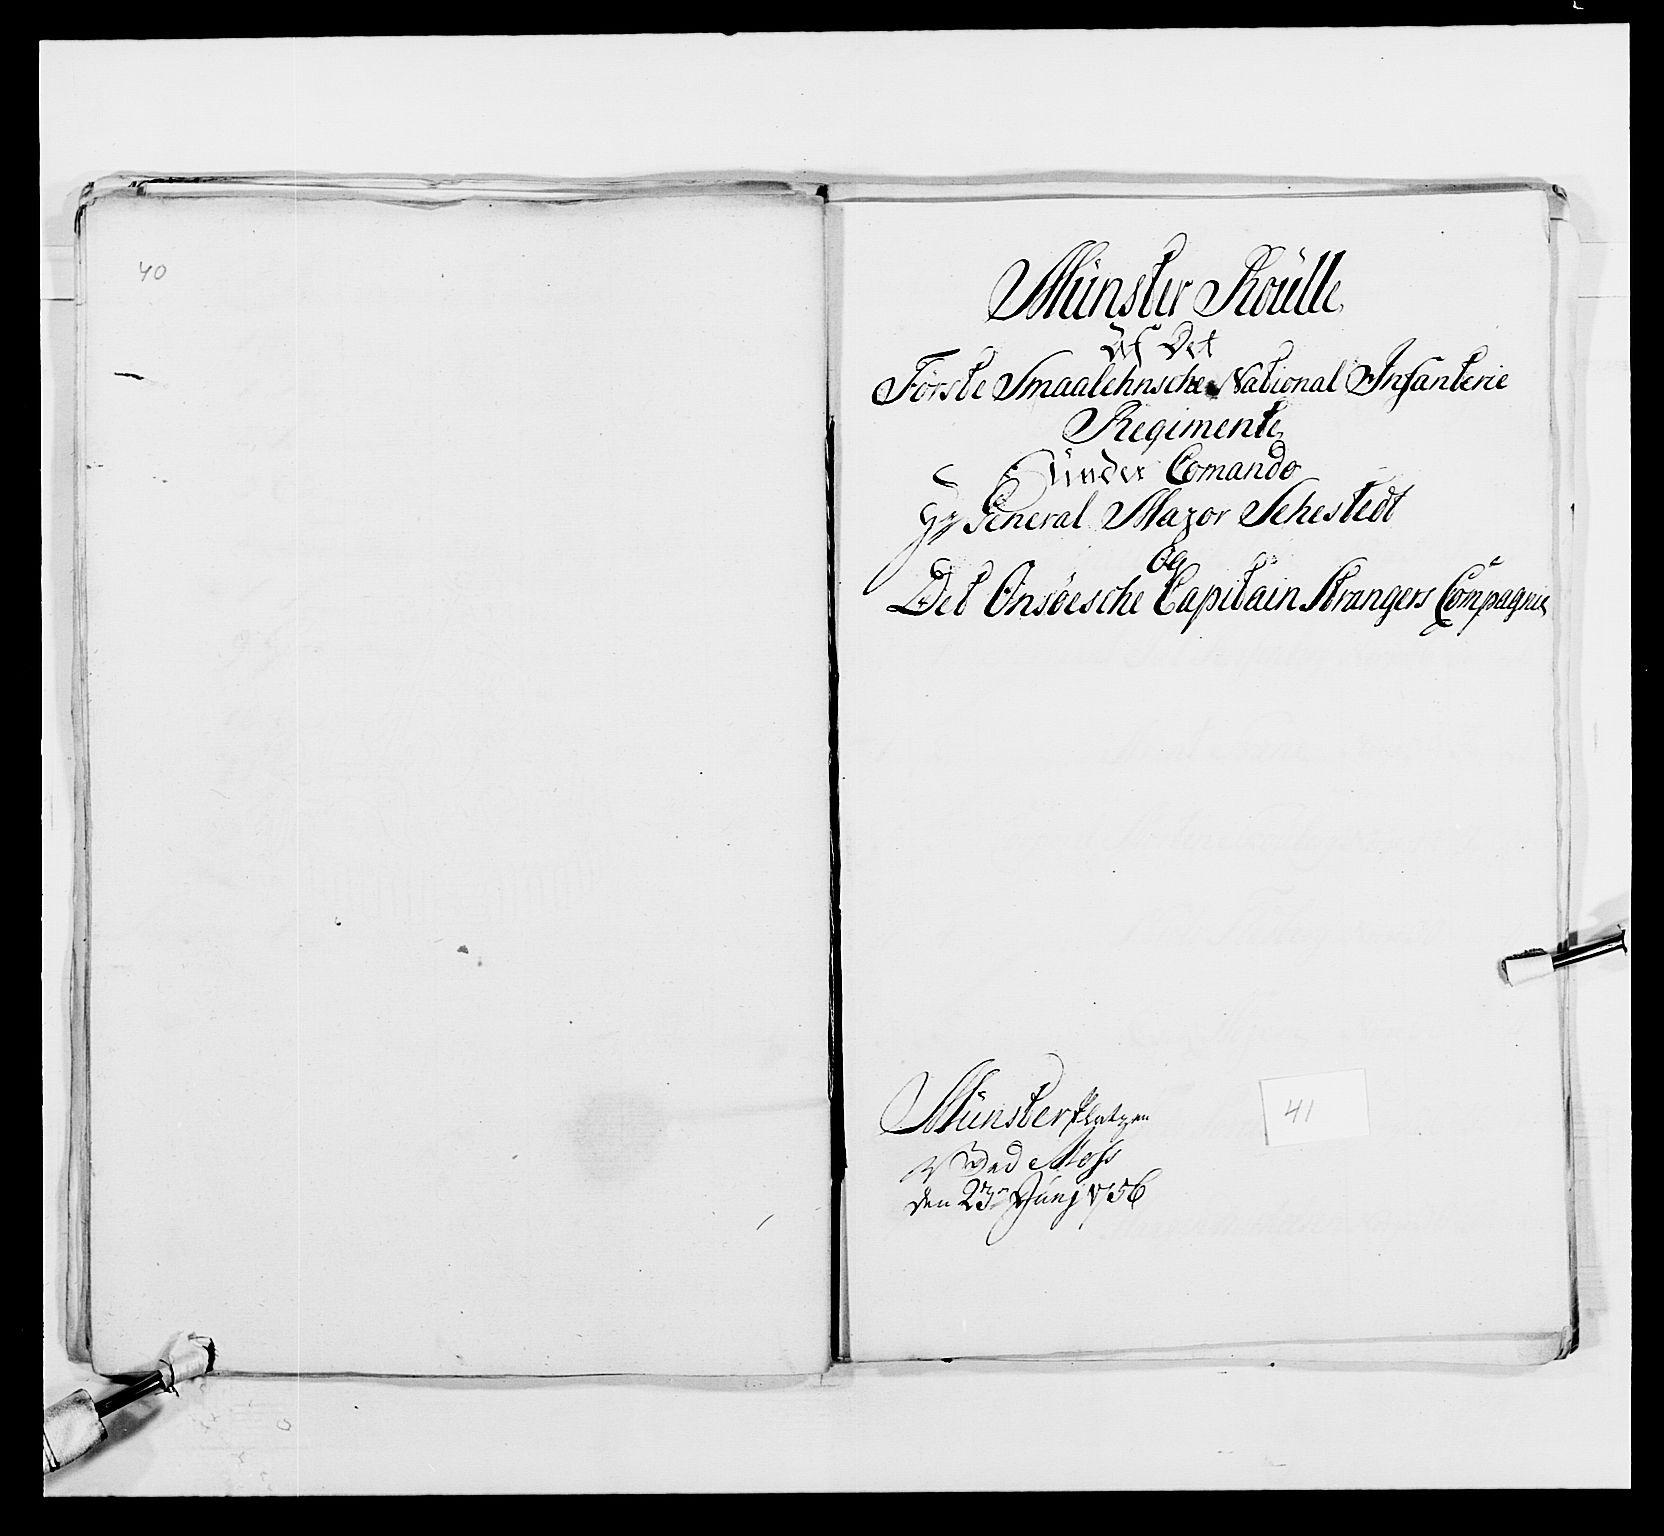 RA, Kommanderende general (KG I) med Det norske krigsdirektorium, E/Ea/L0495: 1. Smålenske regiment, 1732-1763, s. 548